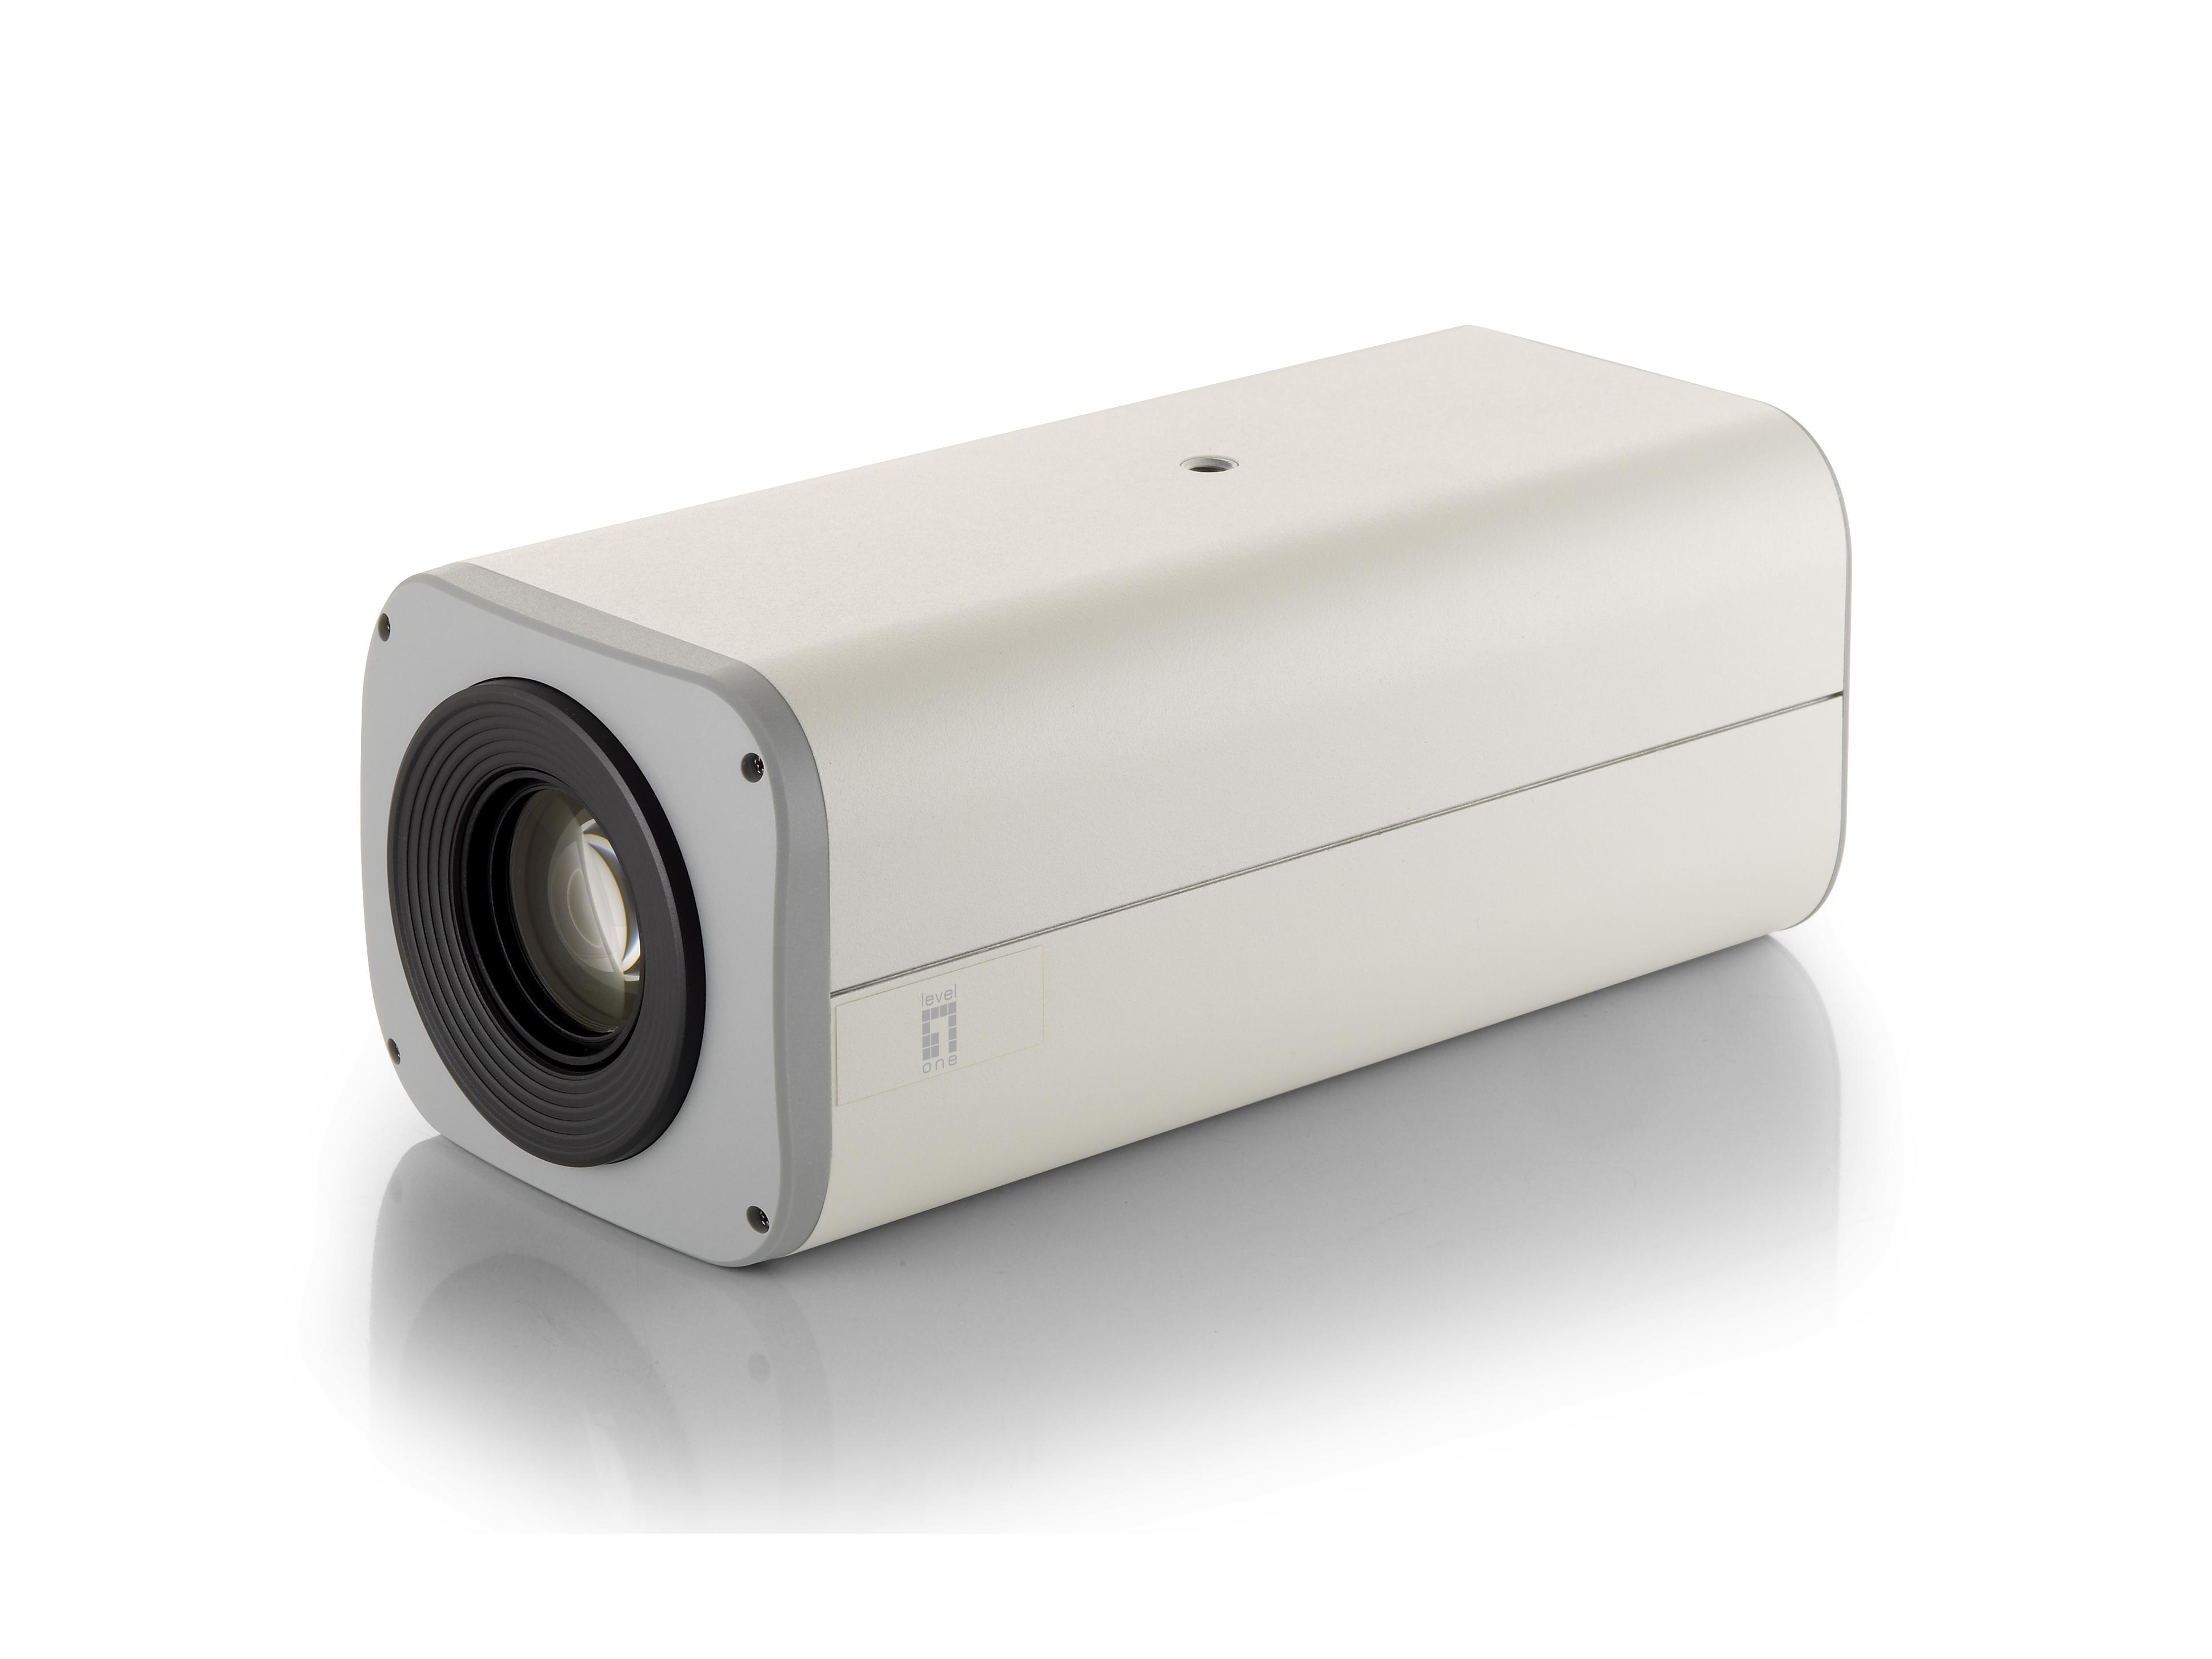 LevelOne Zoom-Netzwerkkamera - 3 Megapixel - 802.3af PoE - Tag/Nacht - 12fachen Optischen Zoom - WDR - IP-Sicherheitskamera - Verkabelt - CE - FCC - ONVIF - Geschoss - Decke/Wand - Weiß